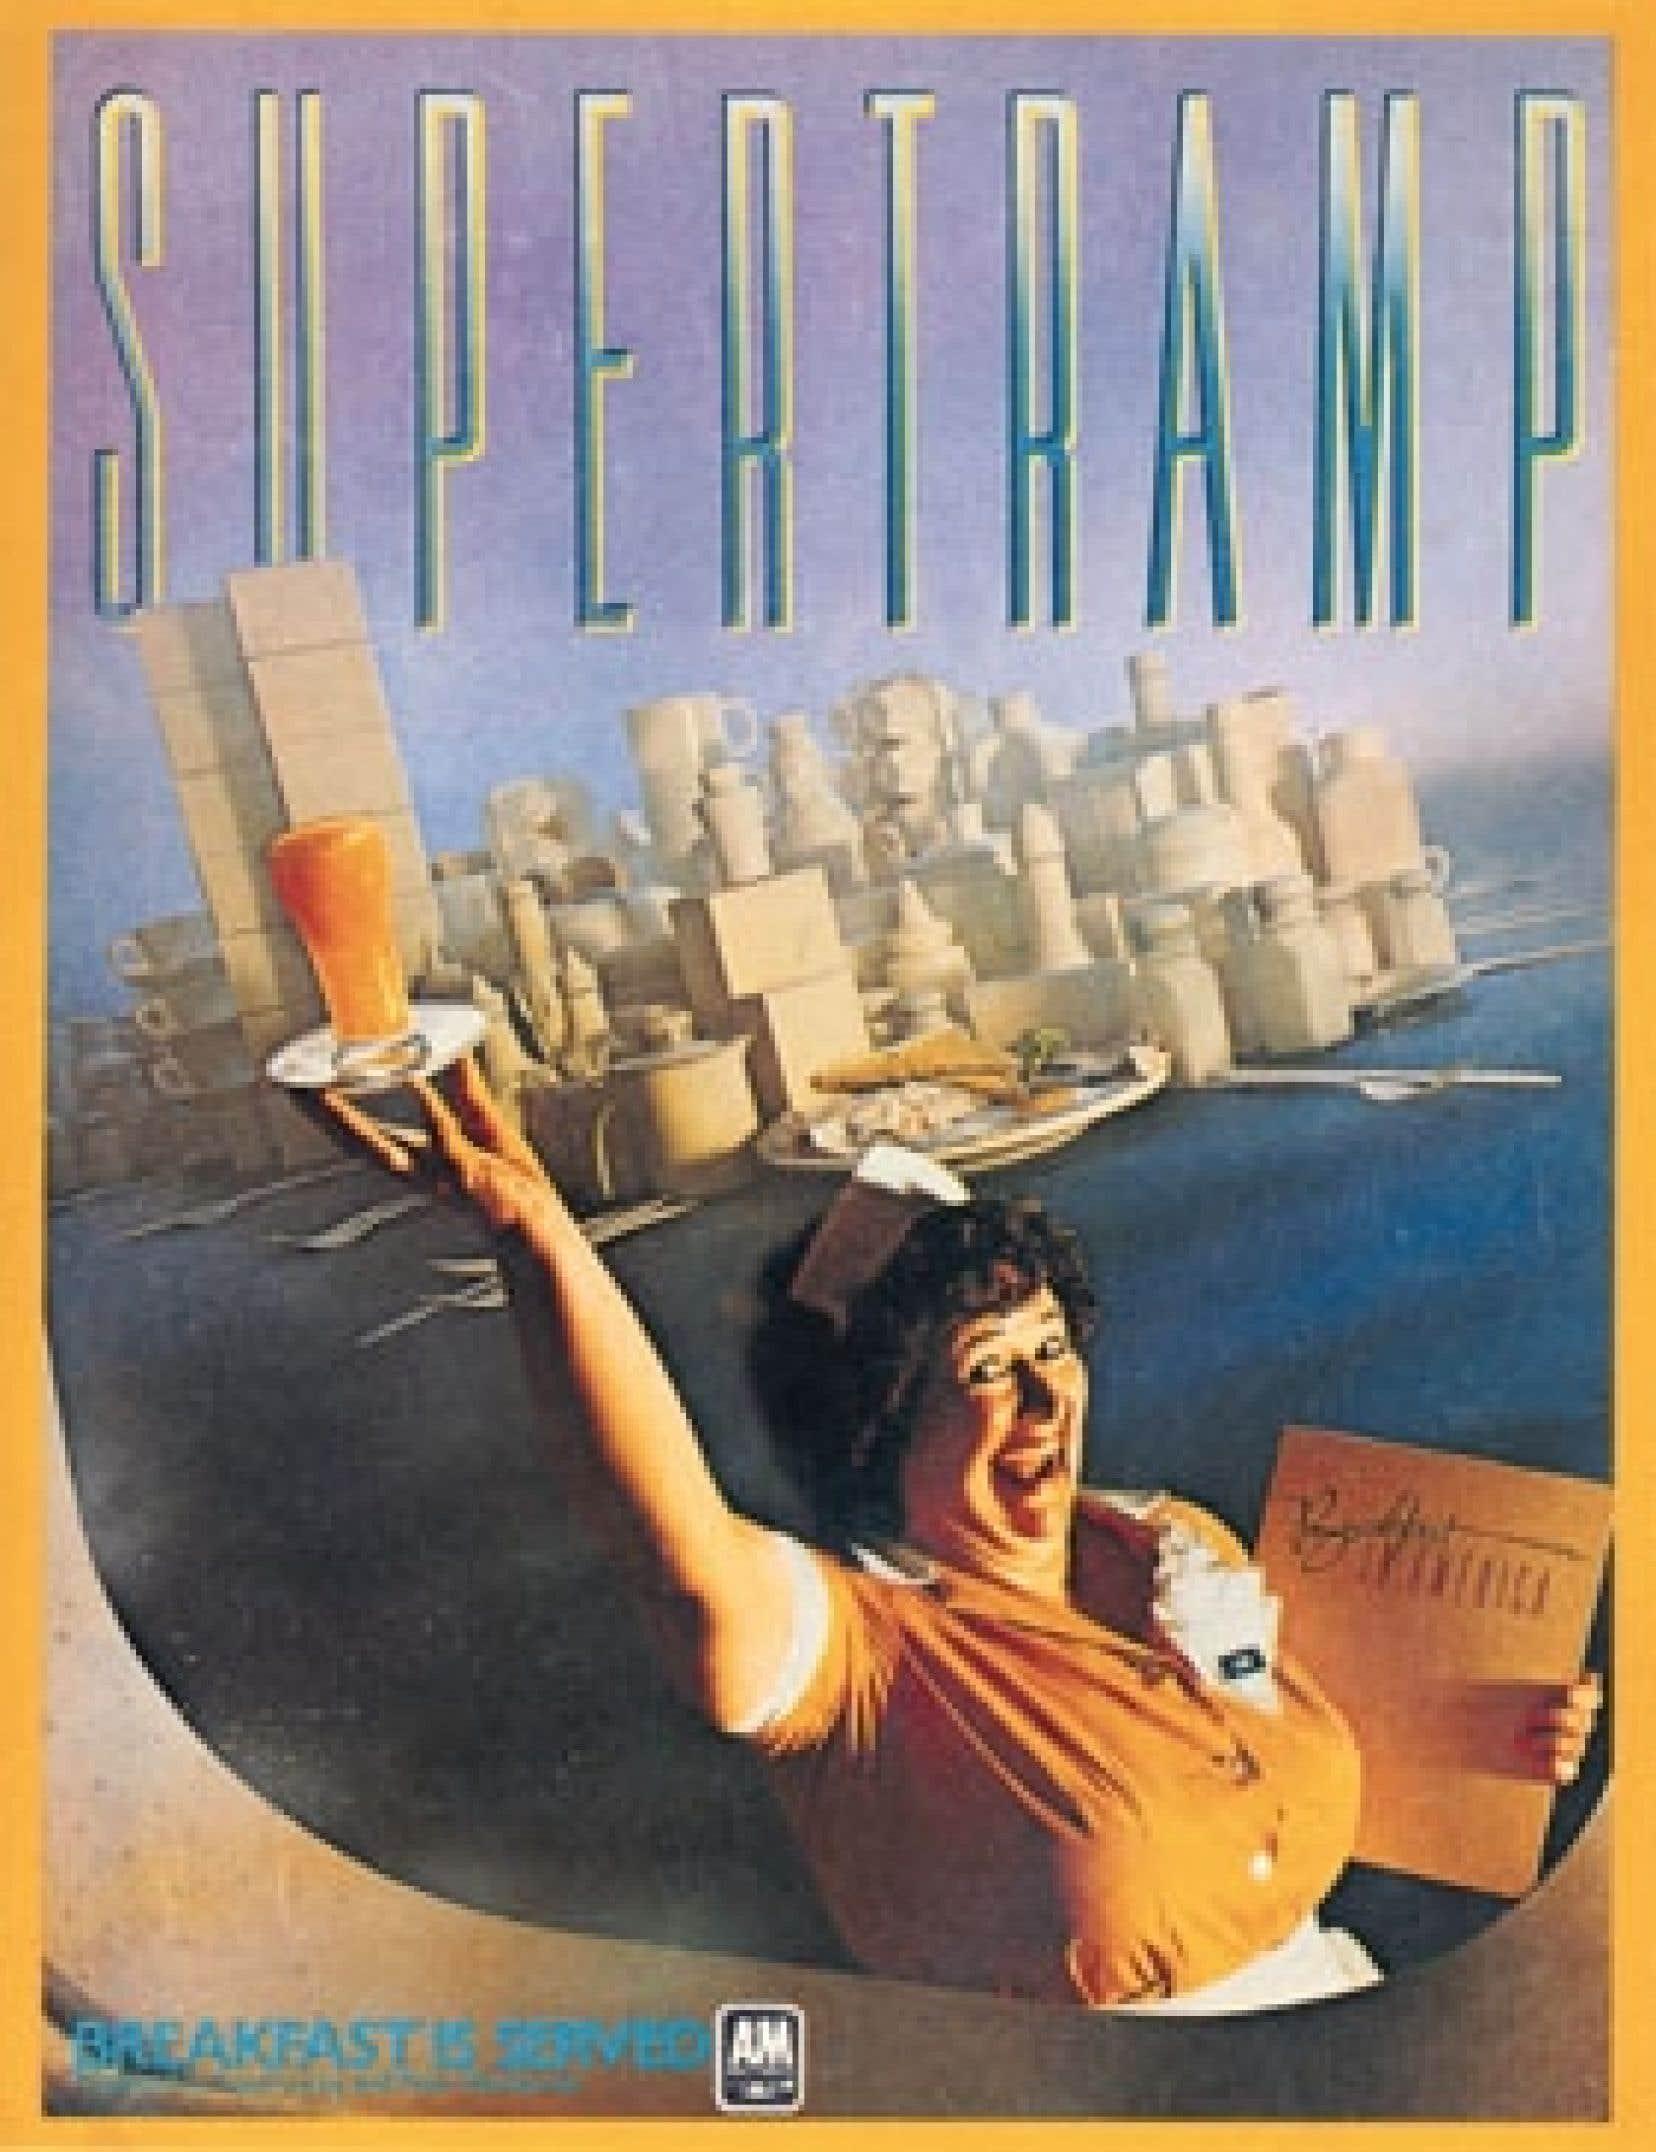 Supertramp, Breakfast Is Served, 1979. Tiré de 70S All-American Ads, Ed. Jim Heimann, Taschen.